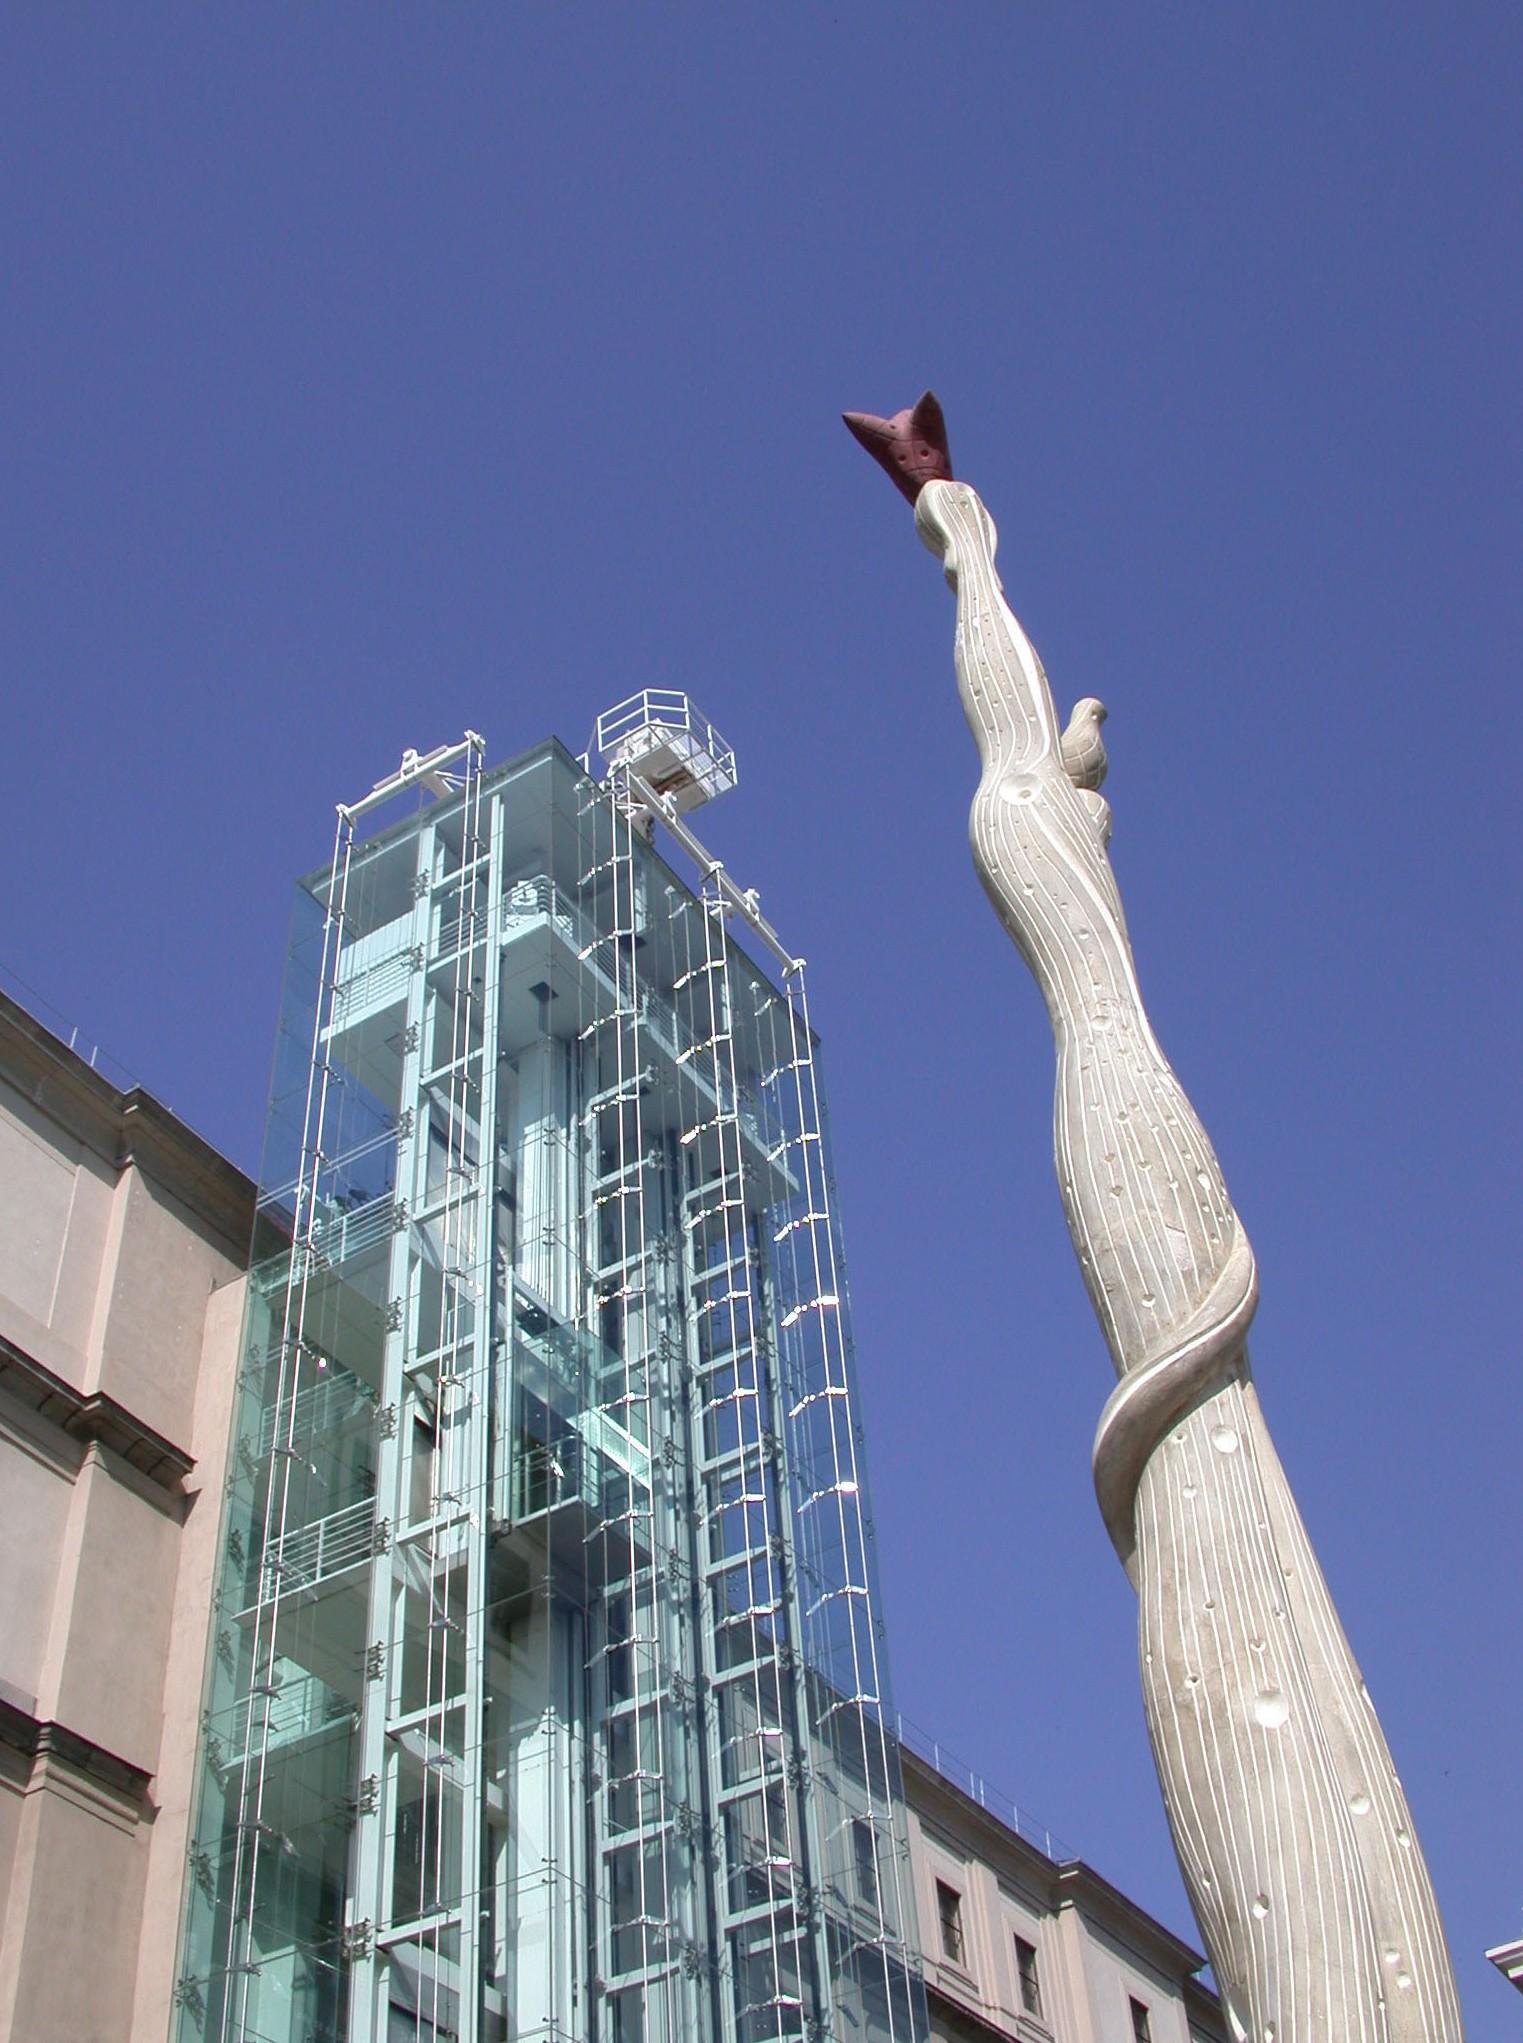 05-Edificio-Sabatini-e1450264075247